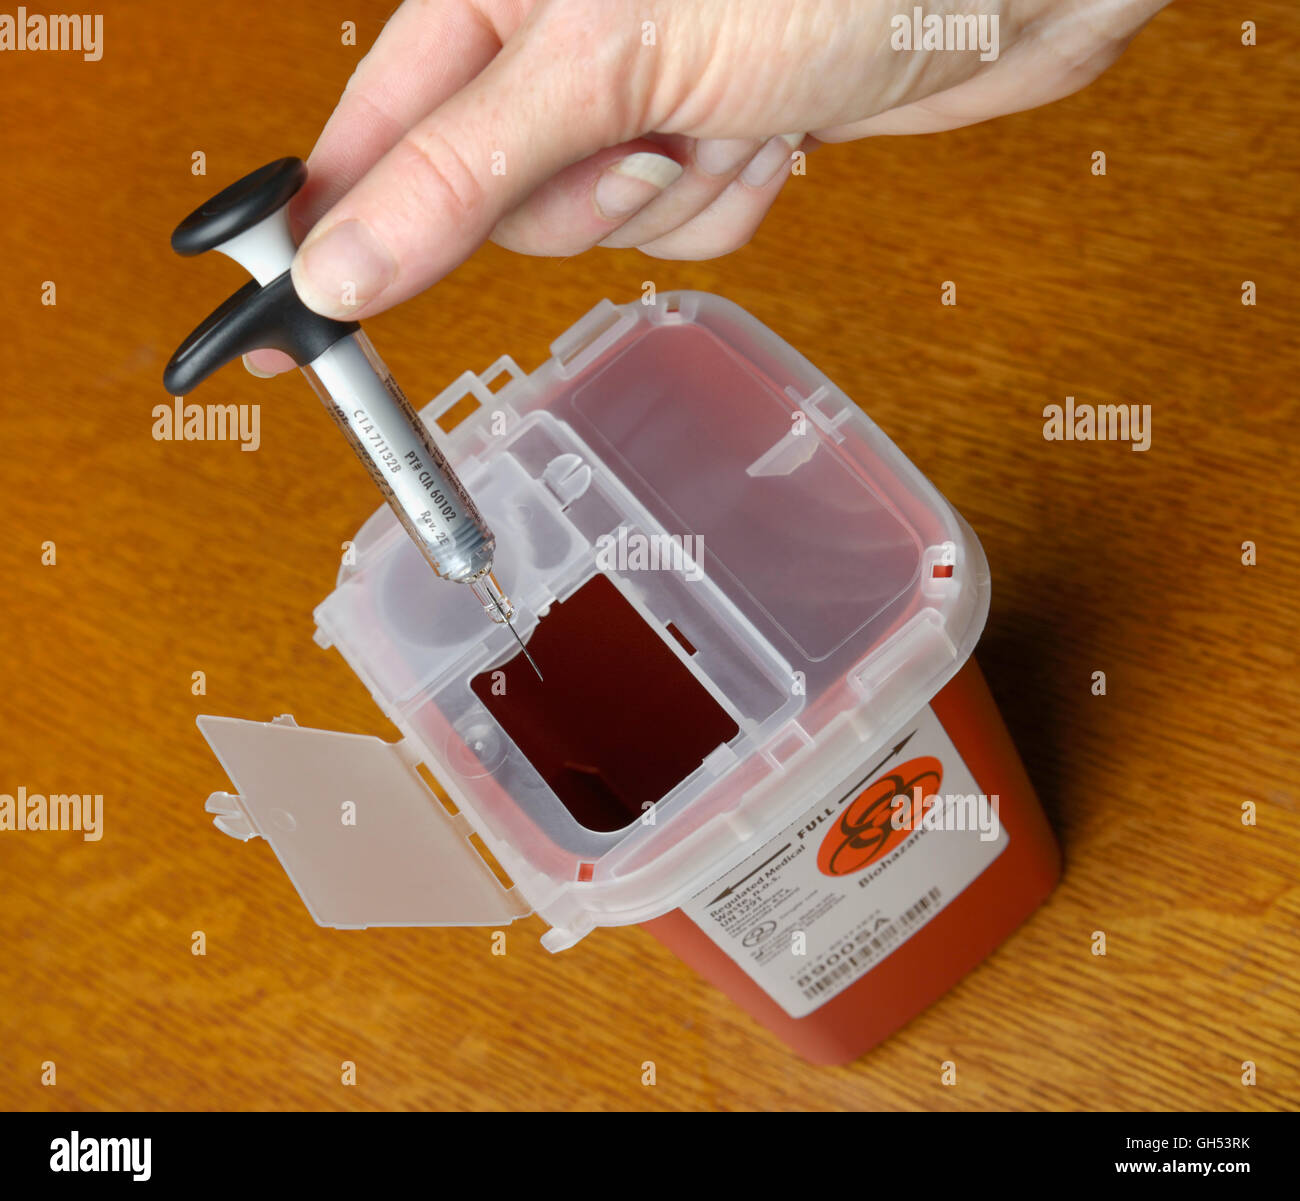 Eine Spritze in eine Sharps Container für medizinische Abfälle entsorgen, nach einer Injektion von Medizin Stockbild